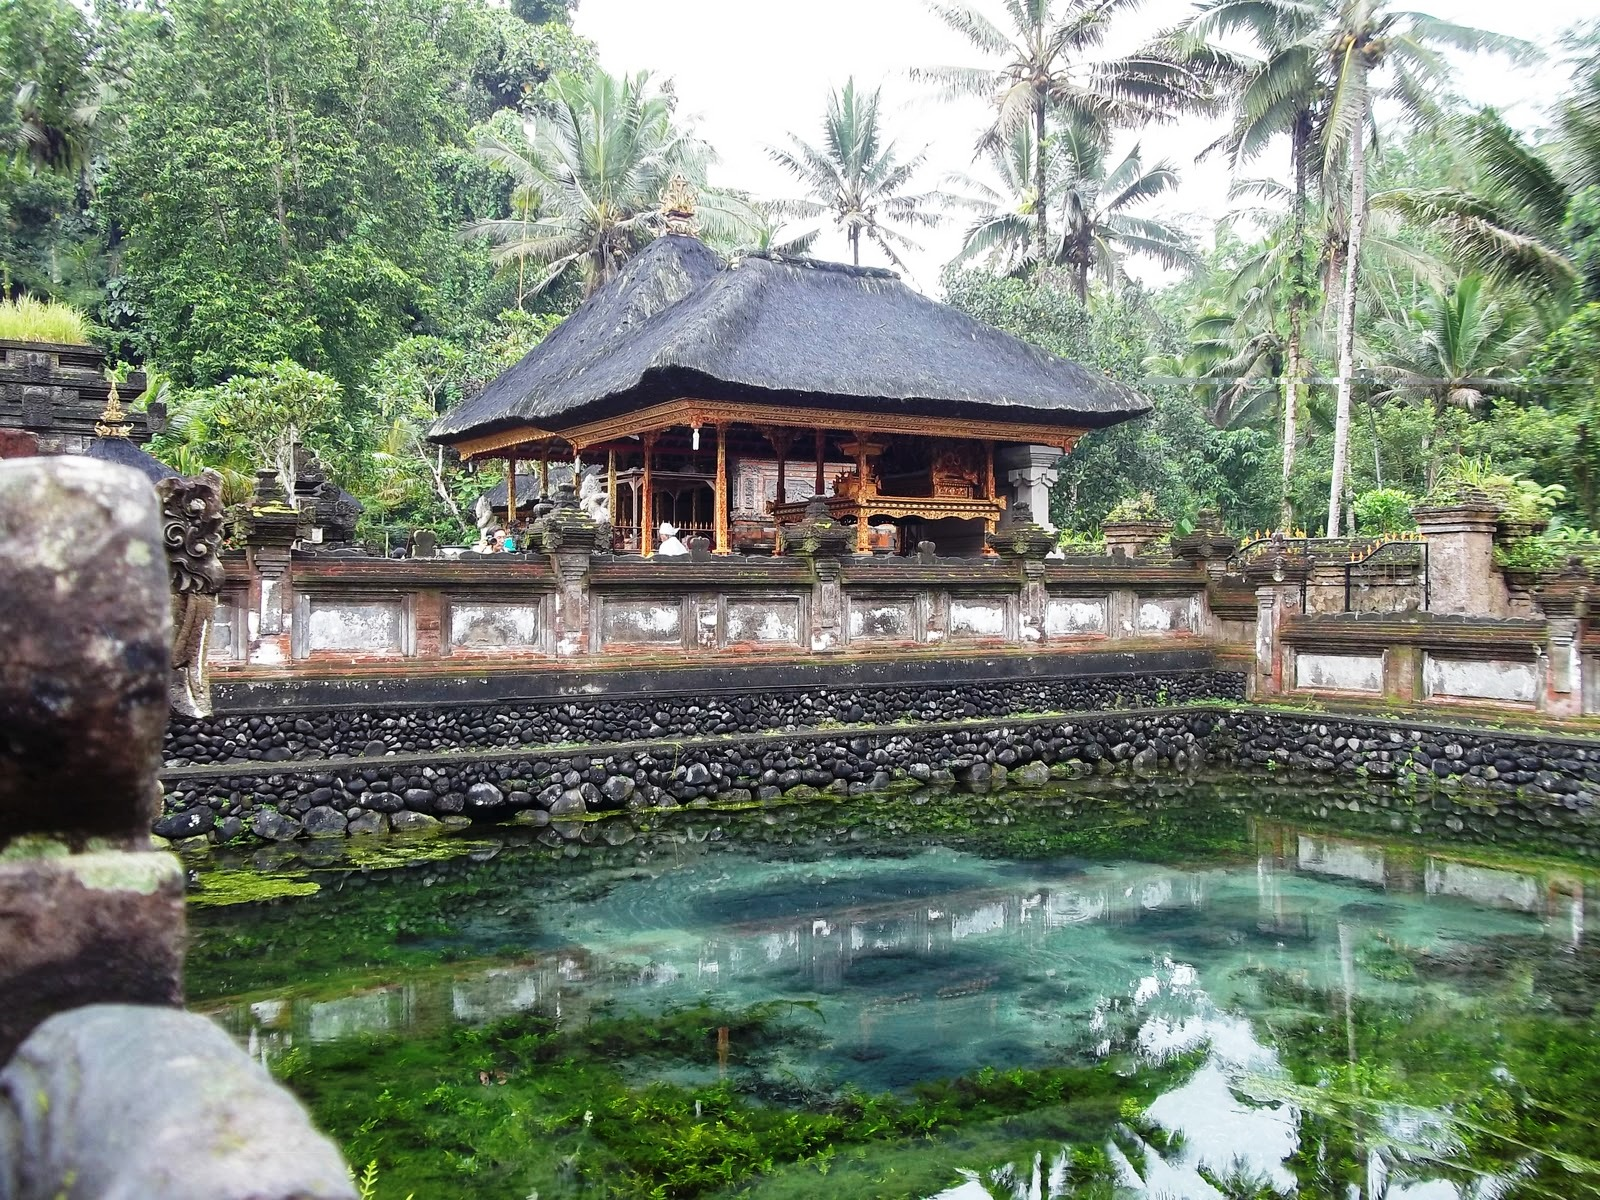 Bali Debbynadia 100 03541 Sejarah Tampak Siring Pura Tirta Empul